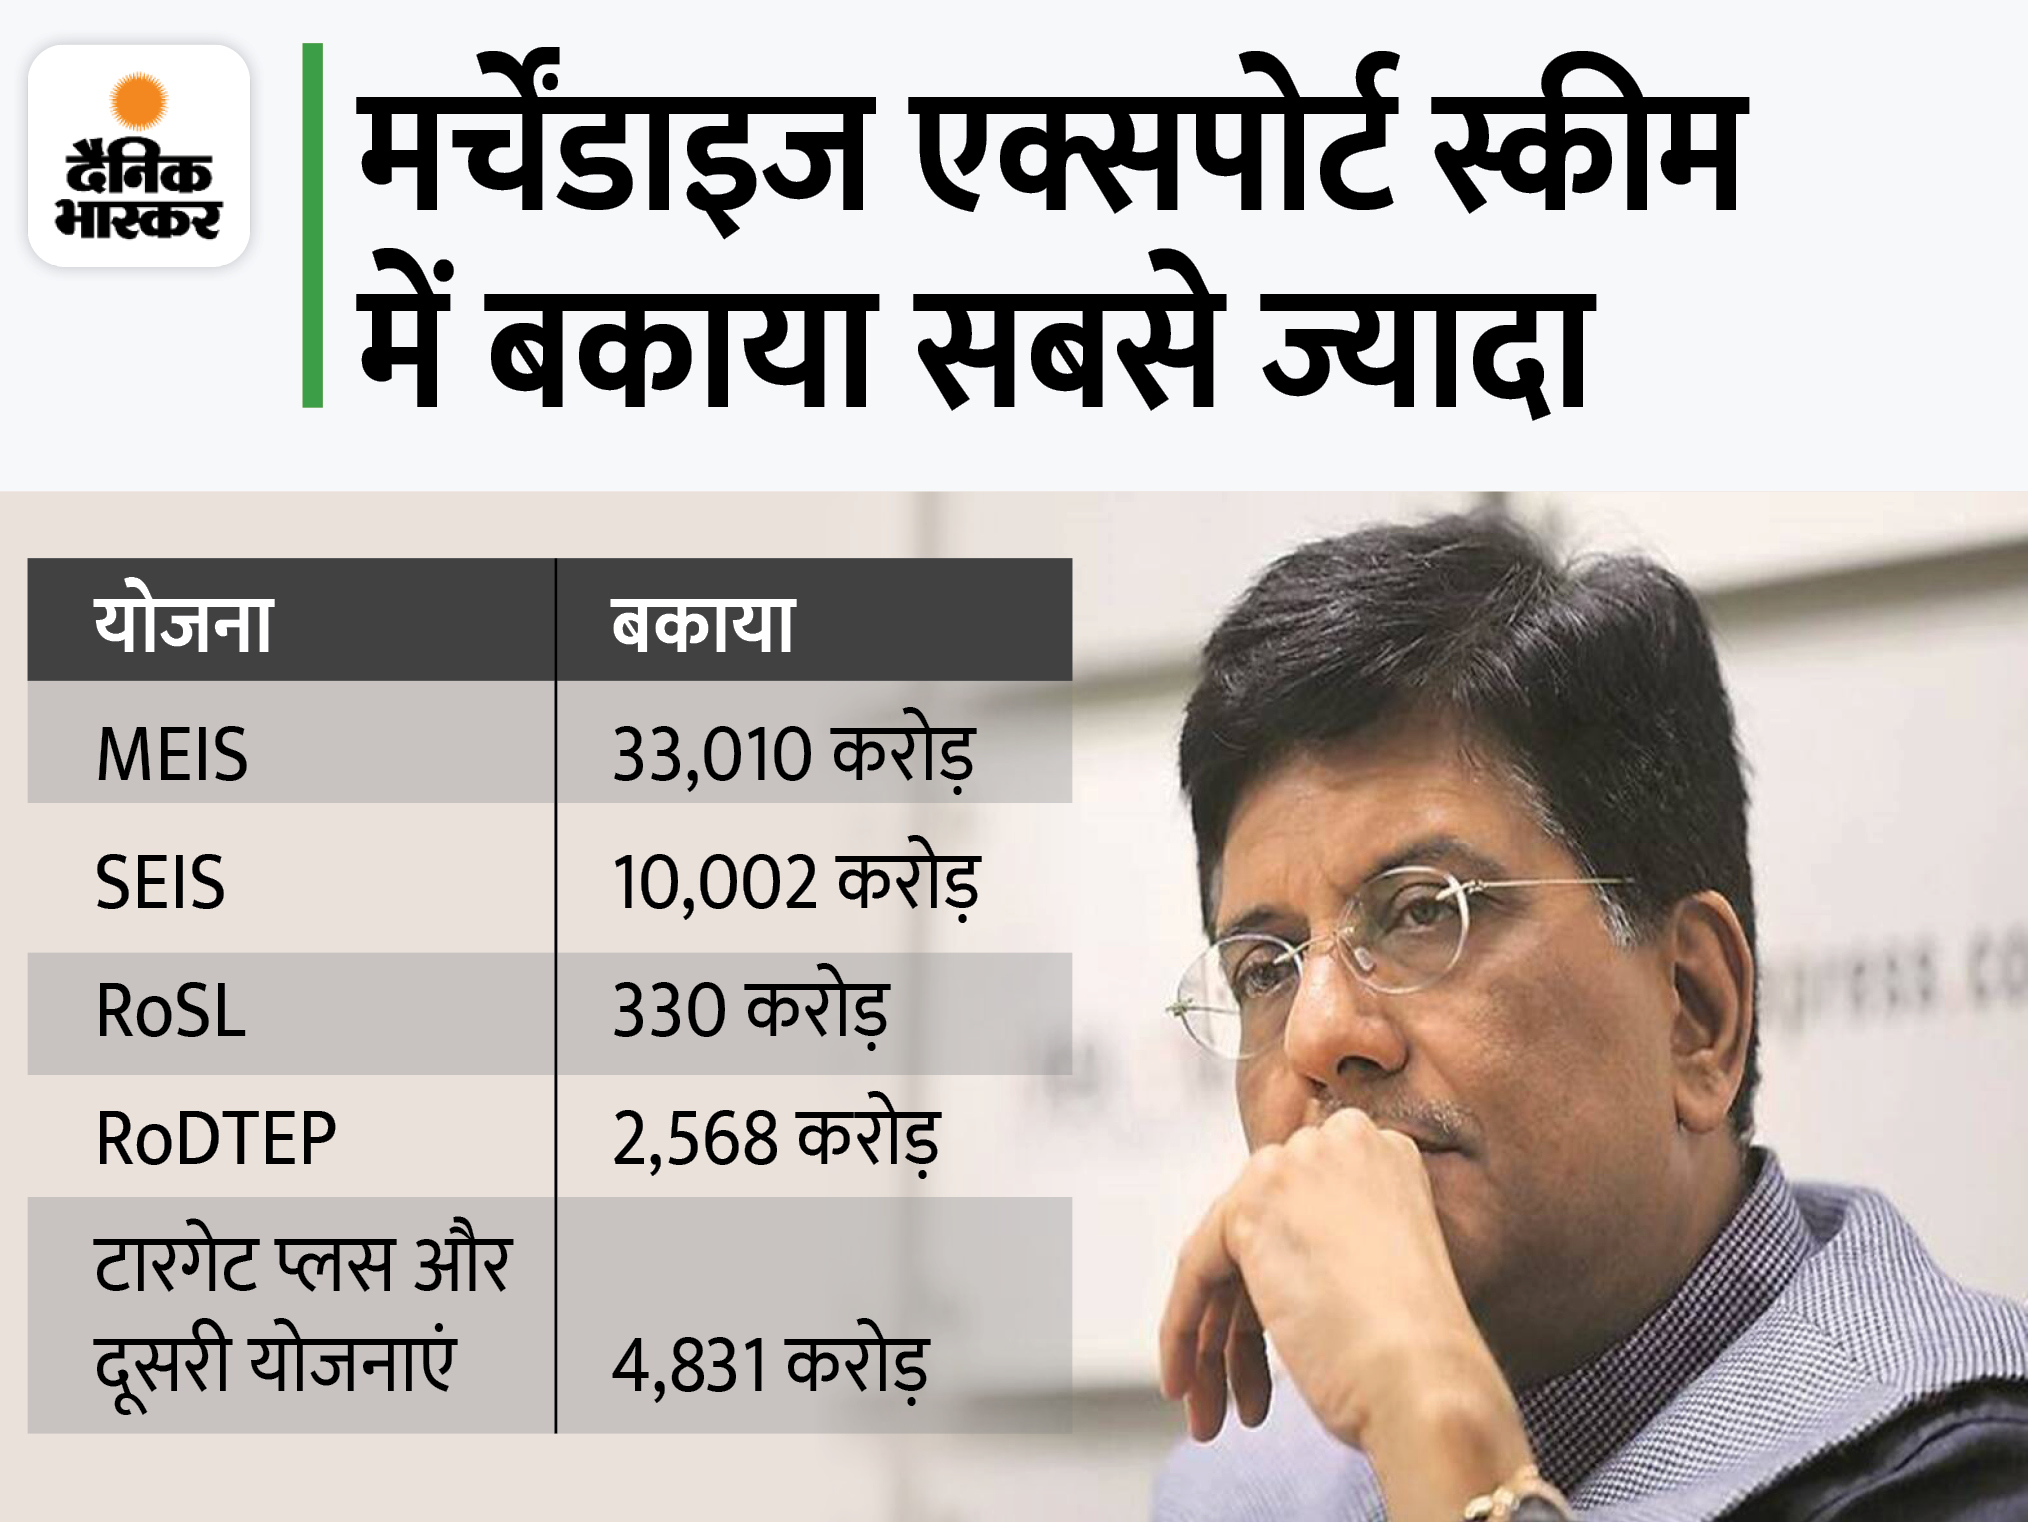 निर्यात योजनाओं का 56,000 करोड़ का बकाया जल्द चुकाएगी सरकार, 45000 से ज्यादा निर्यातकों को होगा फायदा|इकोनॉमी,Economy - Dainik Bhaskar